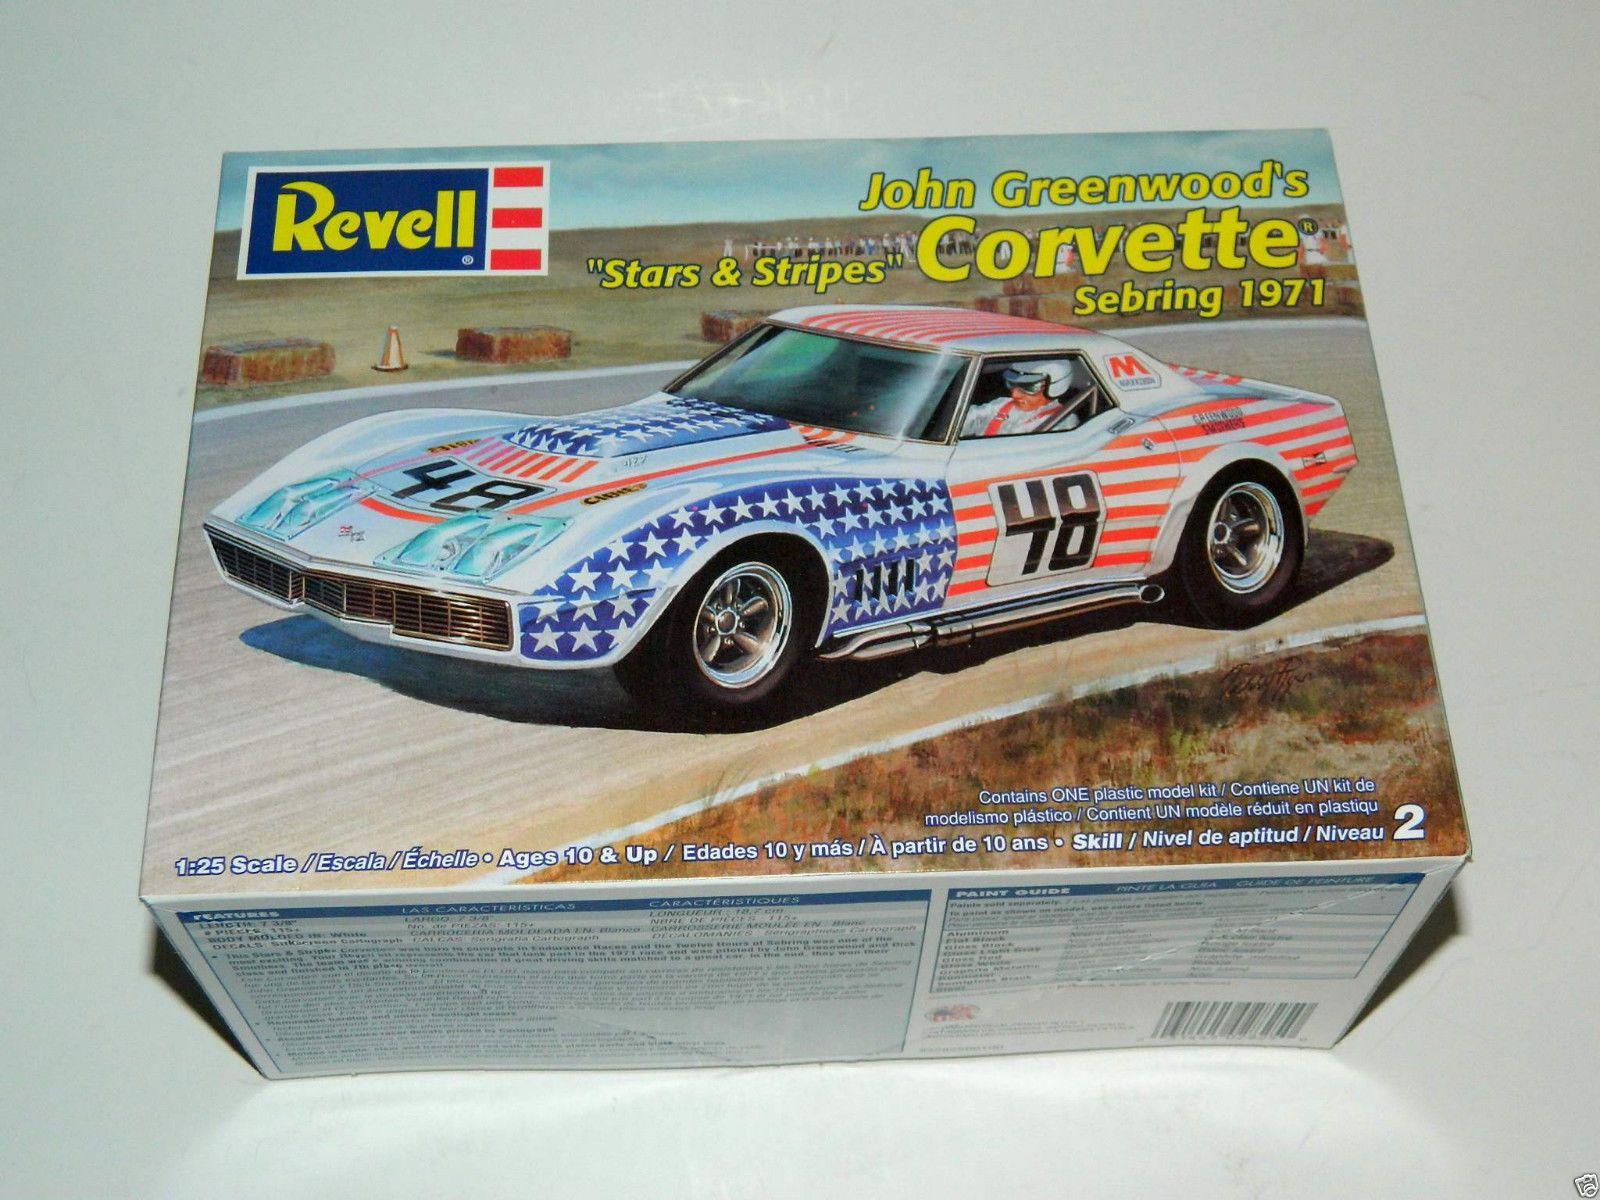 Revell John Greenwood Stars Stripes Corvette Sebring 1971 Model Kit